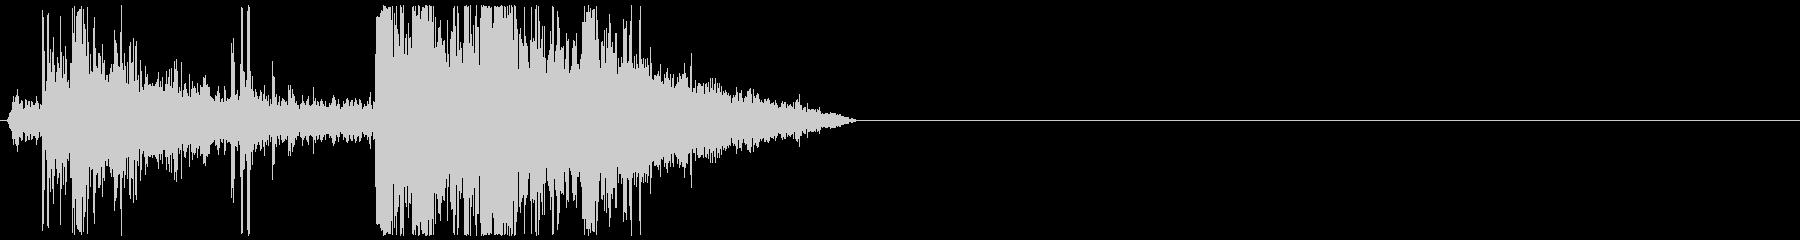 ホッケー;シングルスラップショット...の未再生の波形